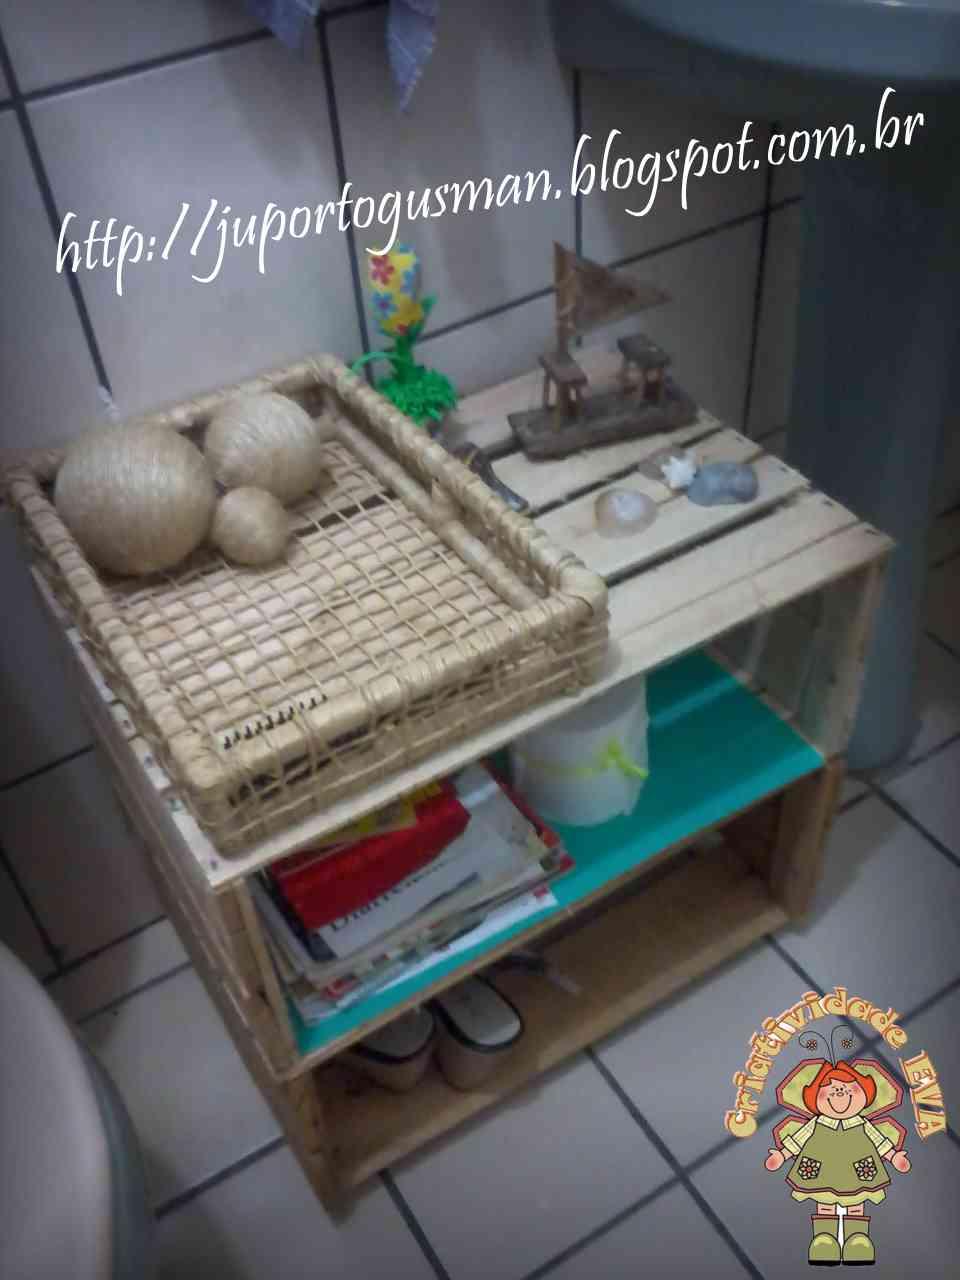 CRIATIVIDADE EVA Reciclagem Coletiva  Caixotes de Feira -> Banheiro Decorado Com Caixote De Feira